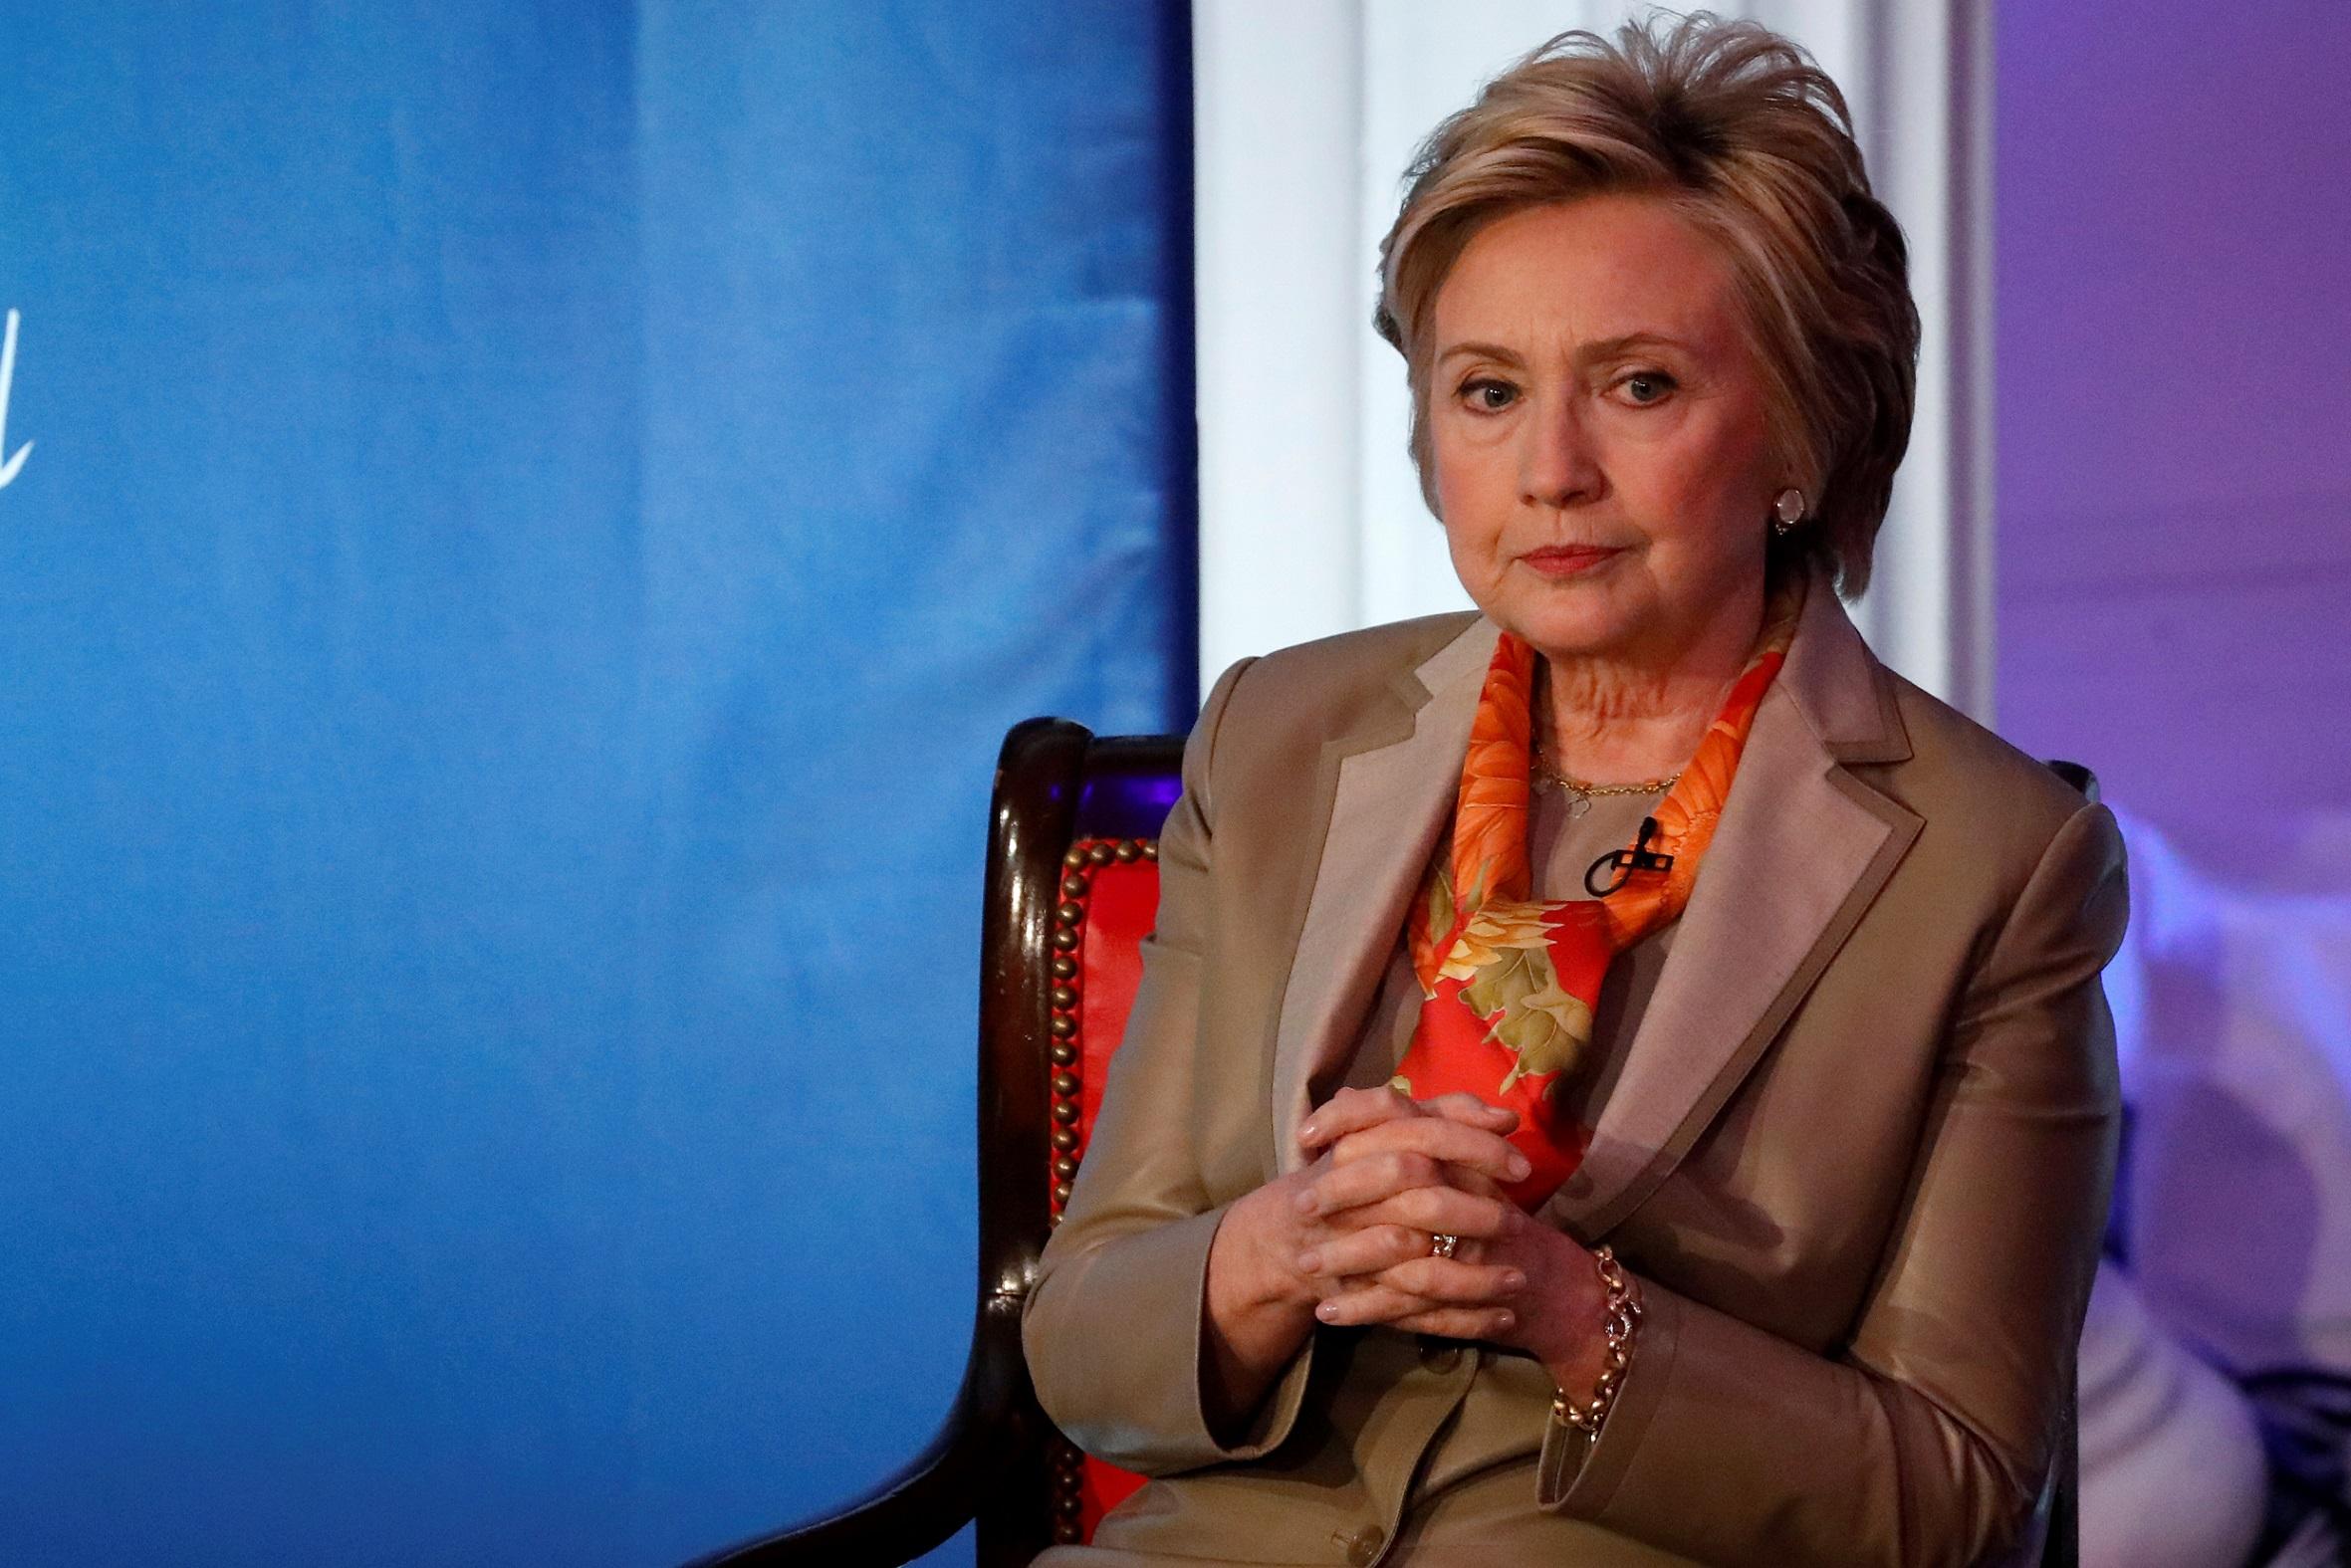 Clinton karnvapen kan hamna i fel hander